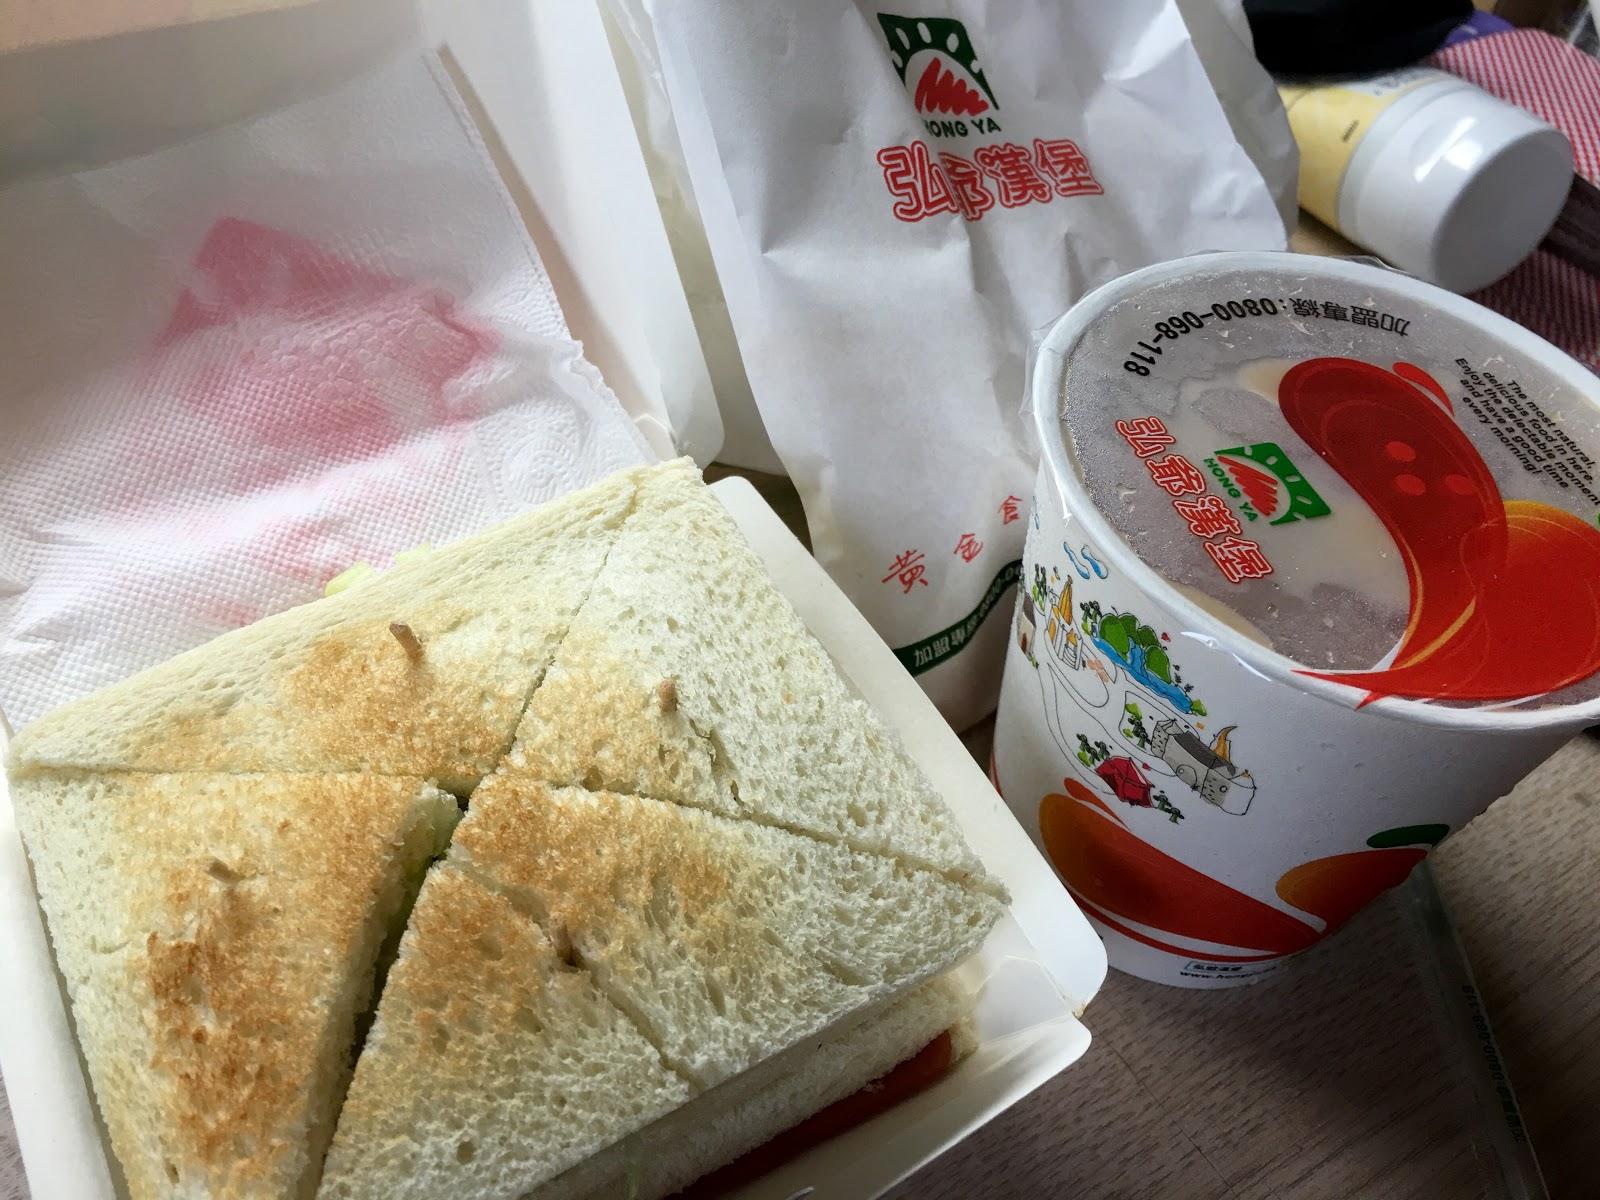 旅遊。美食。小吃。good food.: [臺南。成大。美食]一定要早起去吃的 洪爺漢堡成大店(附菜單)